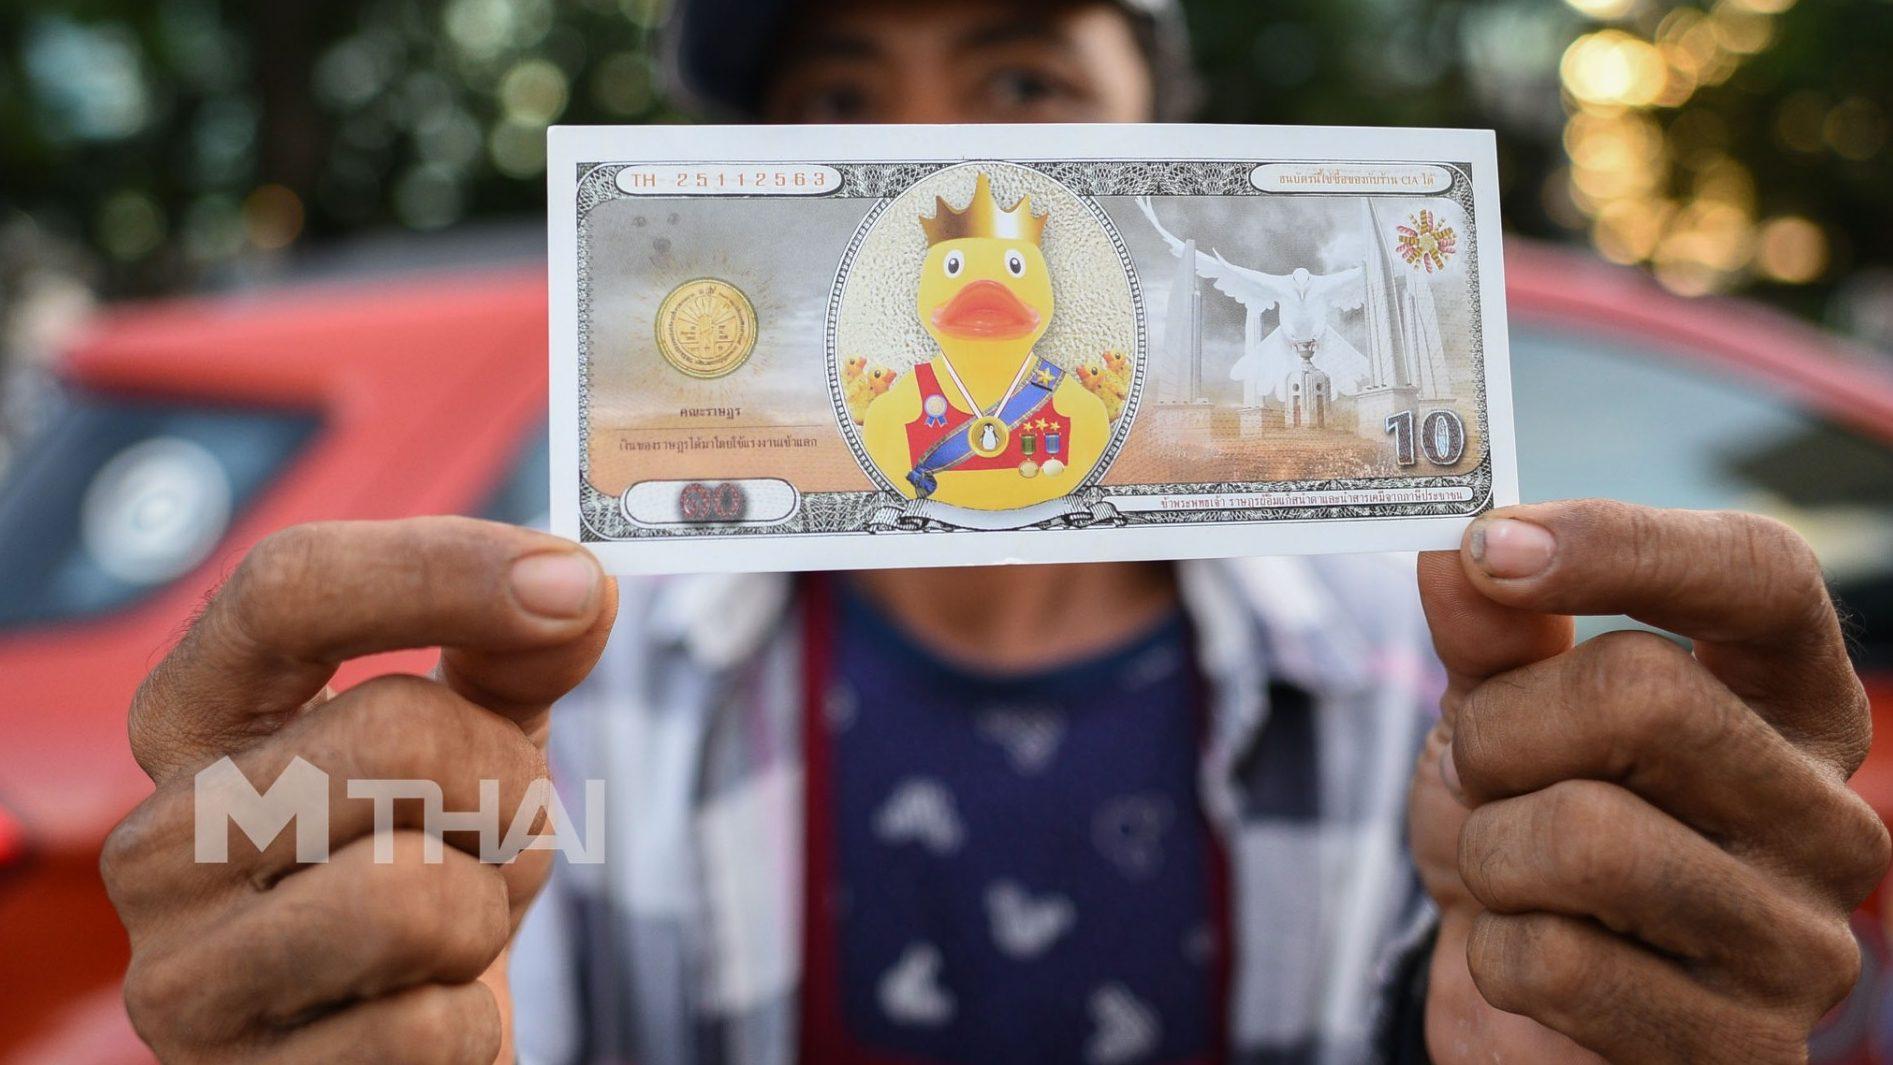 'วิษณุ' ชี้ 'คูปองเป็ด' ไม่เข้าข่ายเป็นเงินปลอม